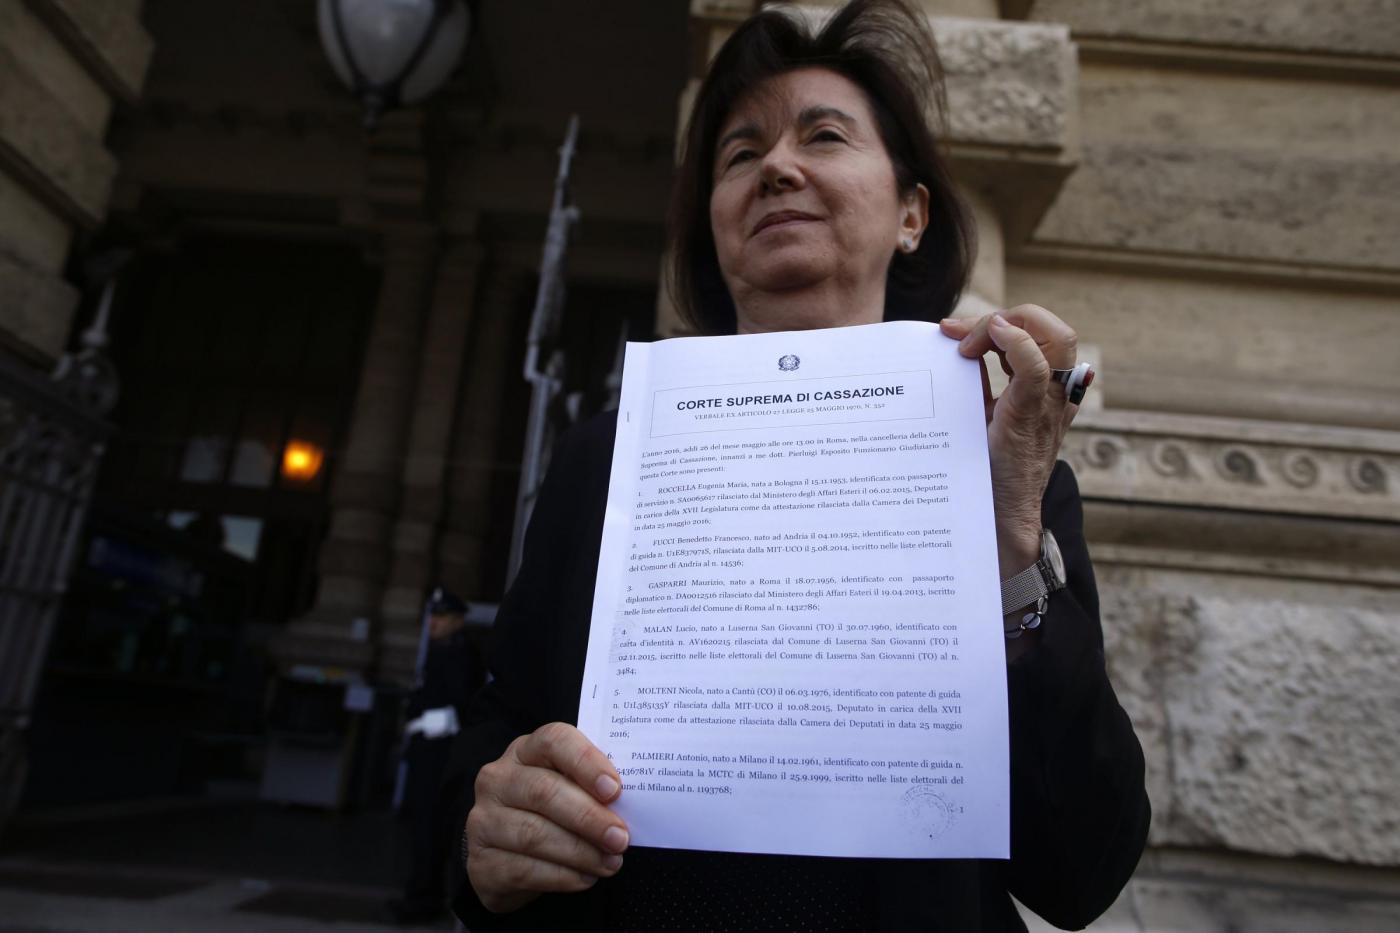 Unioni civili, referendum abrogativo in Cassazione